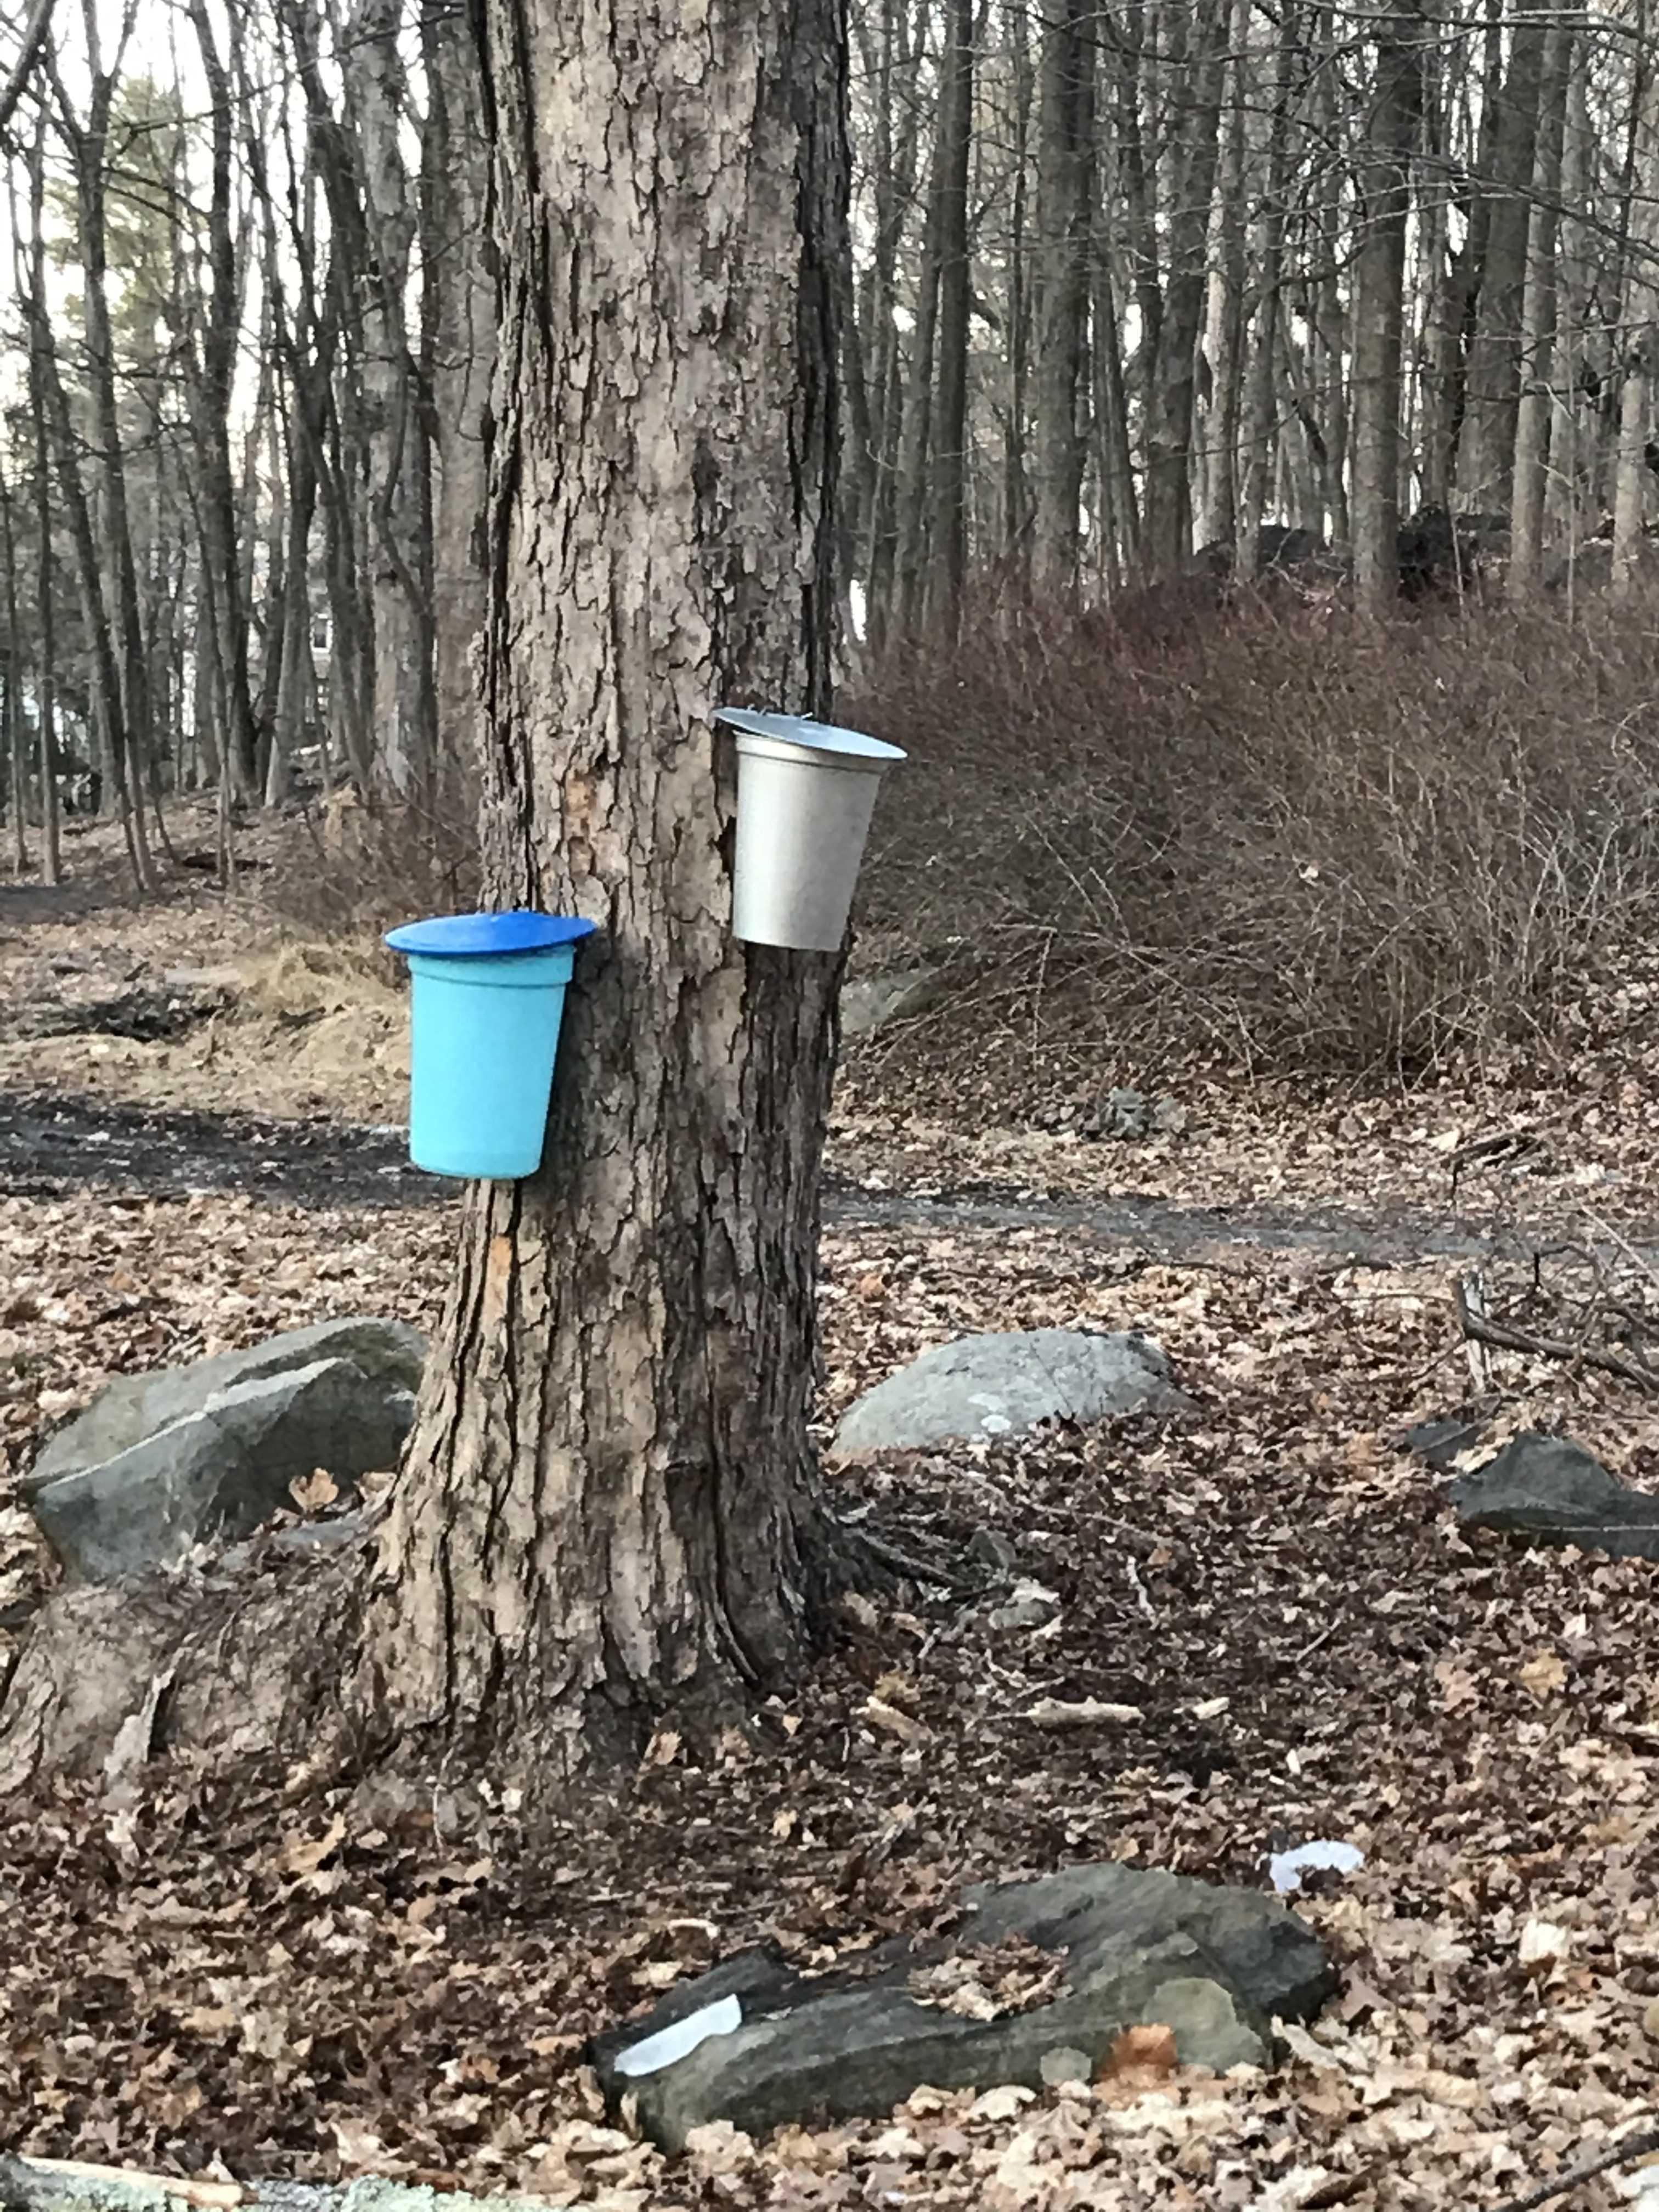 Sugar 2 buckets one blue